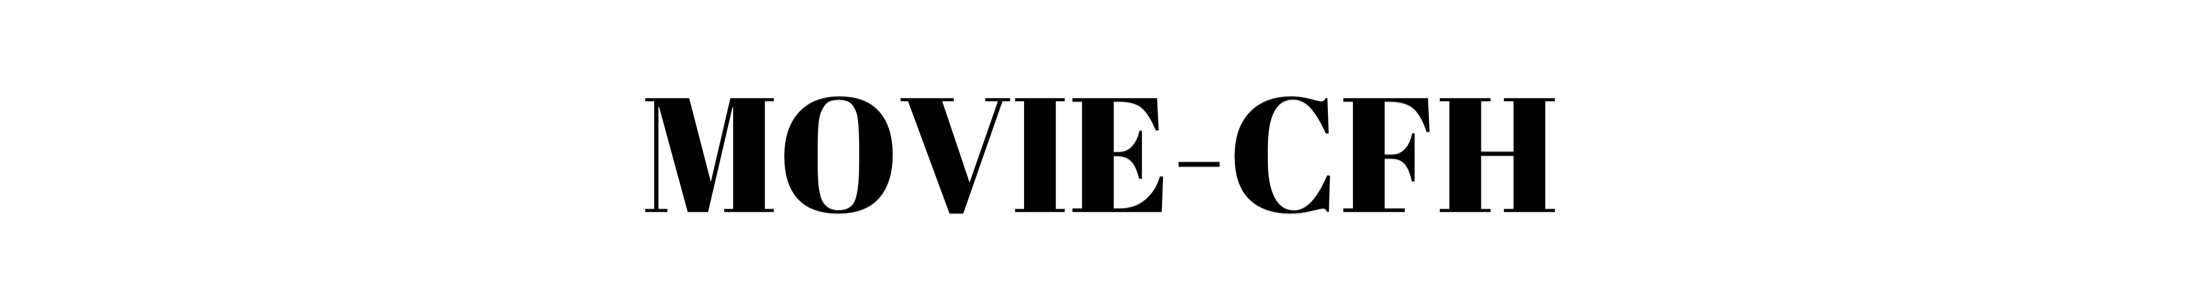 MOVIE-CFH